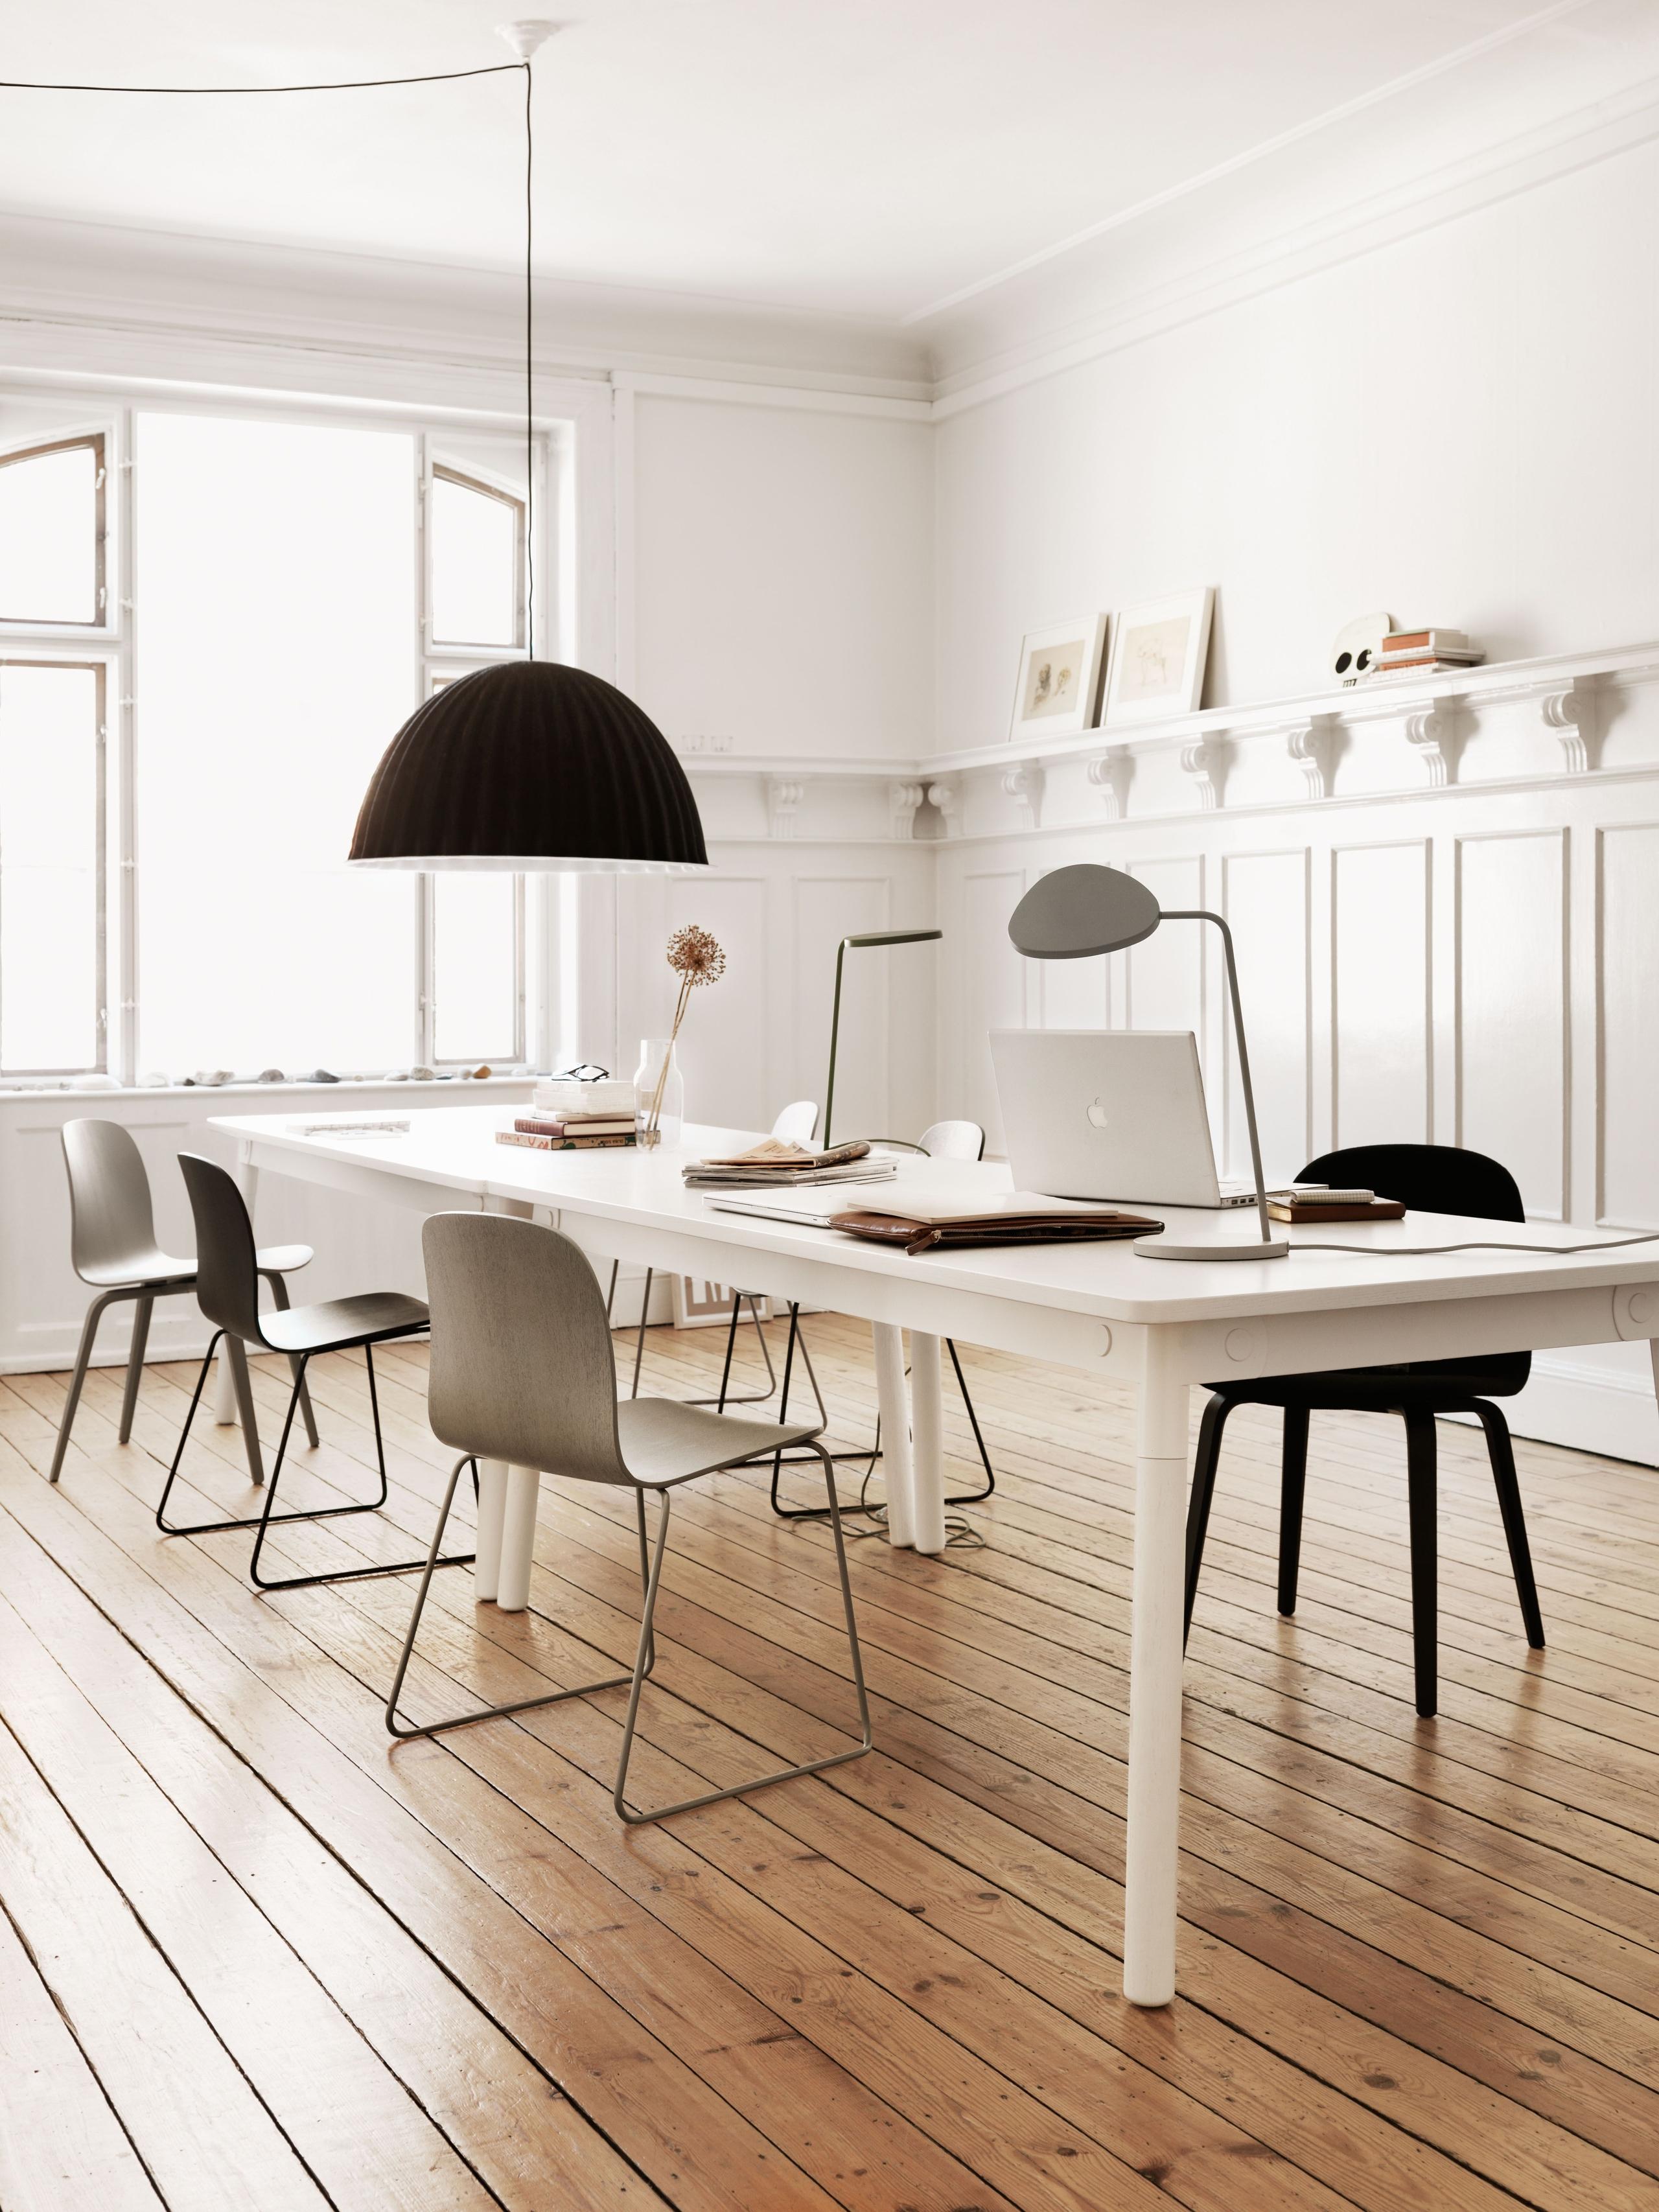 Home Office Scandinavian Home Office Design Scandinavian Home Office With  Desk And Plastic Chair Scandinavian Home